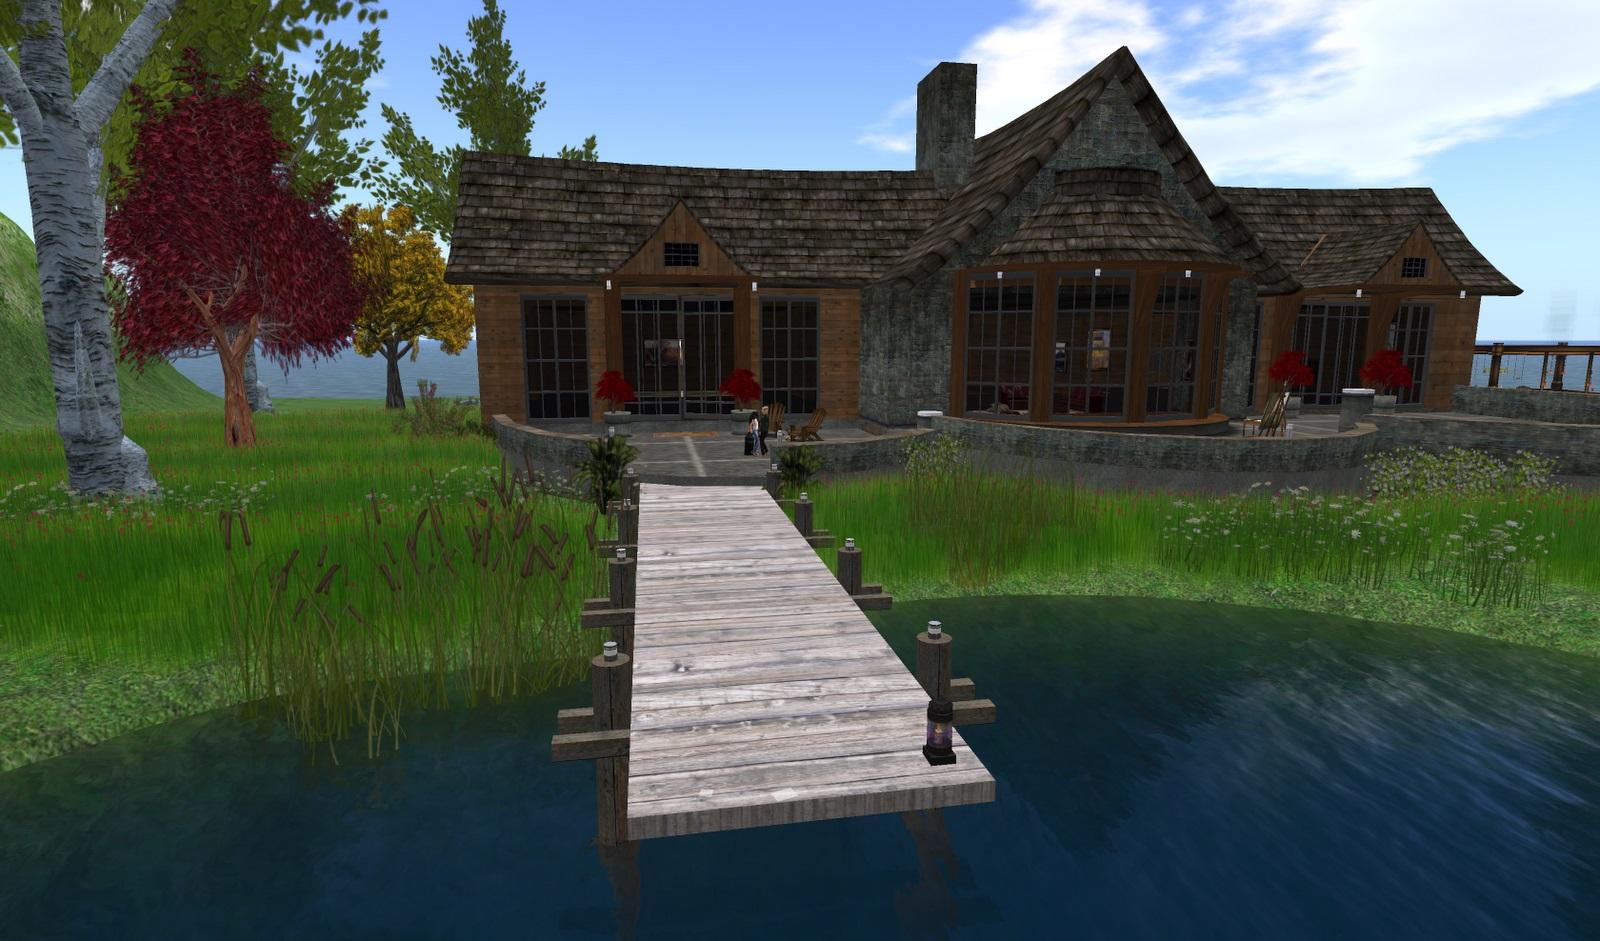 ANTOLOGÍA--CADÁVER EN PROSA. Diseno-de-casa-de-campo-rustica-con-muelle-a-orilla-del-lago